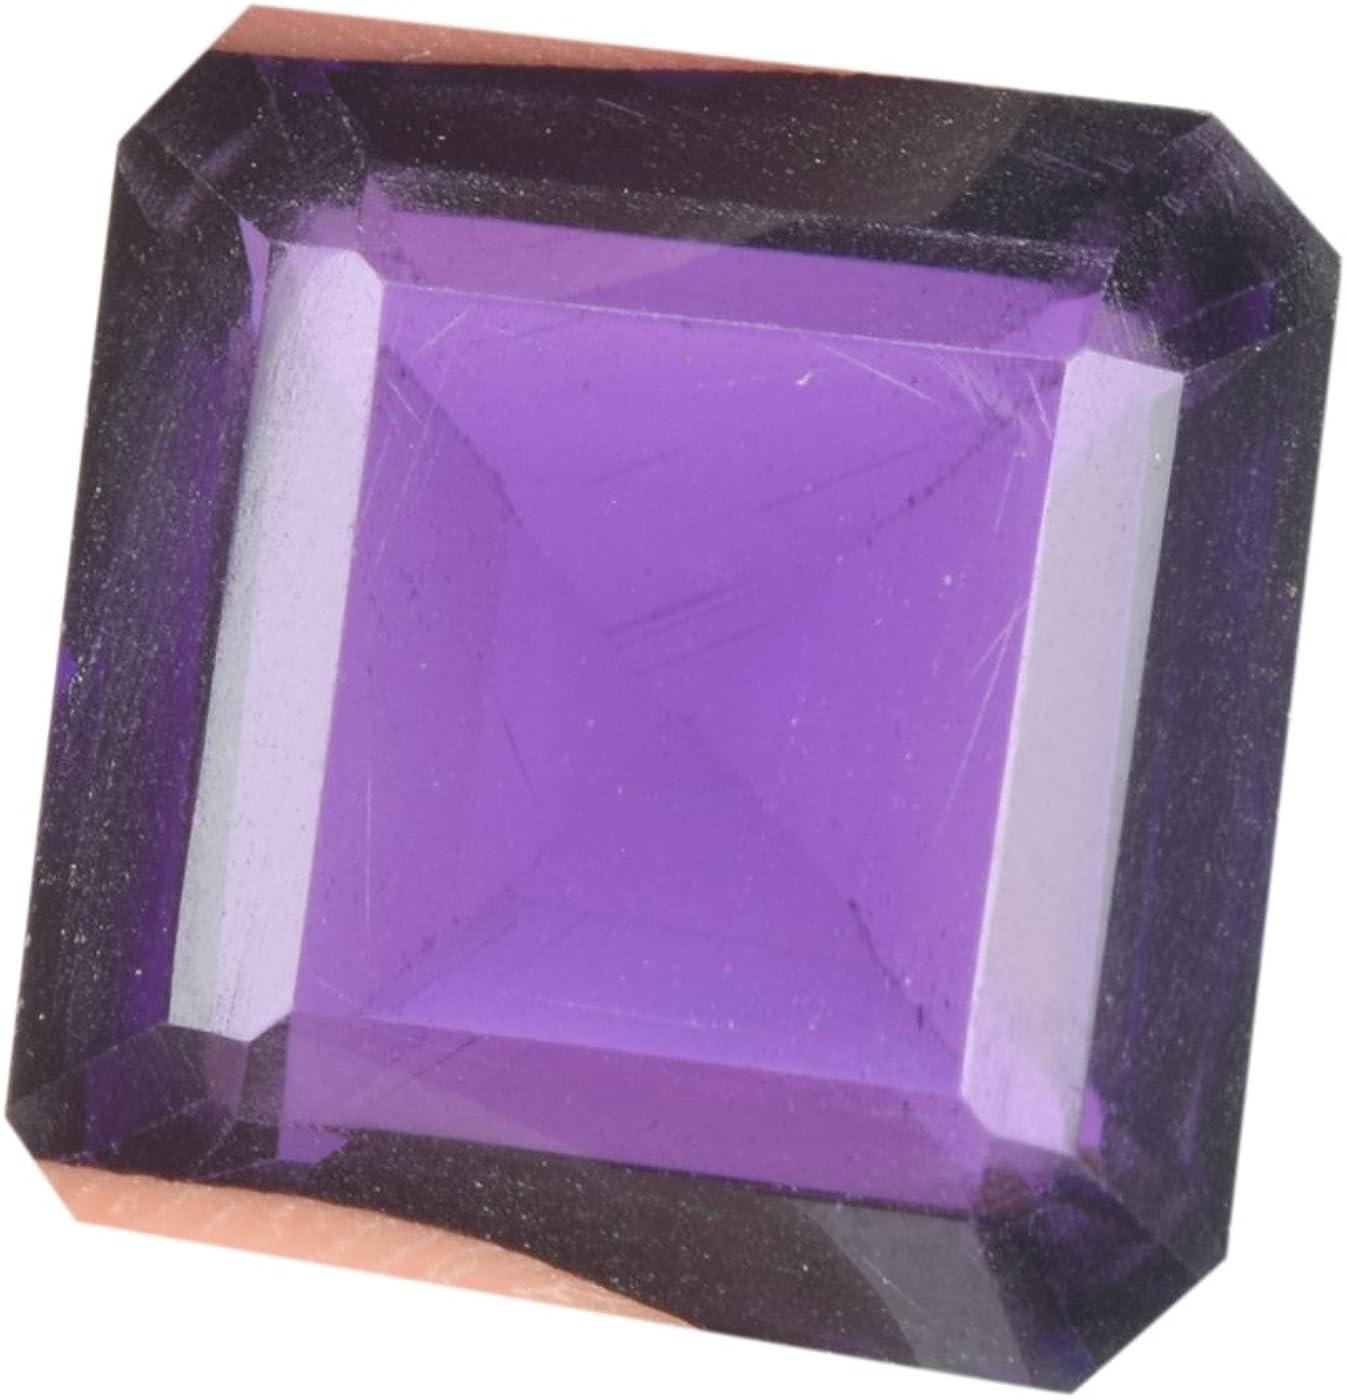 Gemhub Hermosa Amatista Violeta de 19,50 CT de tamaño Colgante de Amatista Violeta, Corte Cuadrado Violeta Amatista de Piedra Suelta BM-890